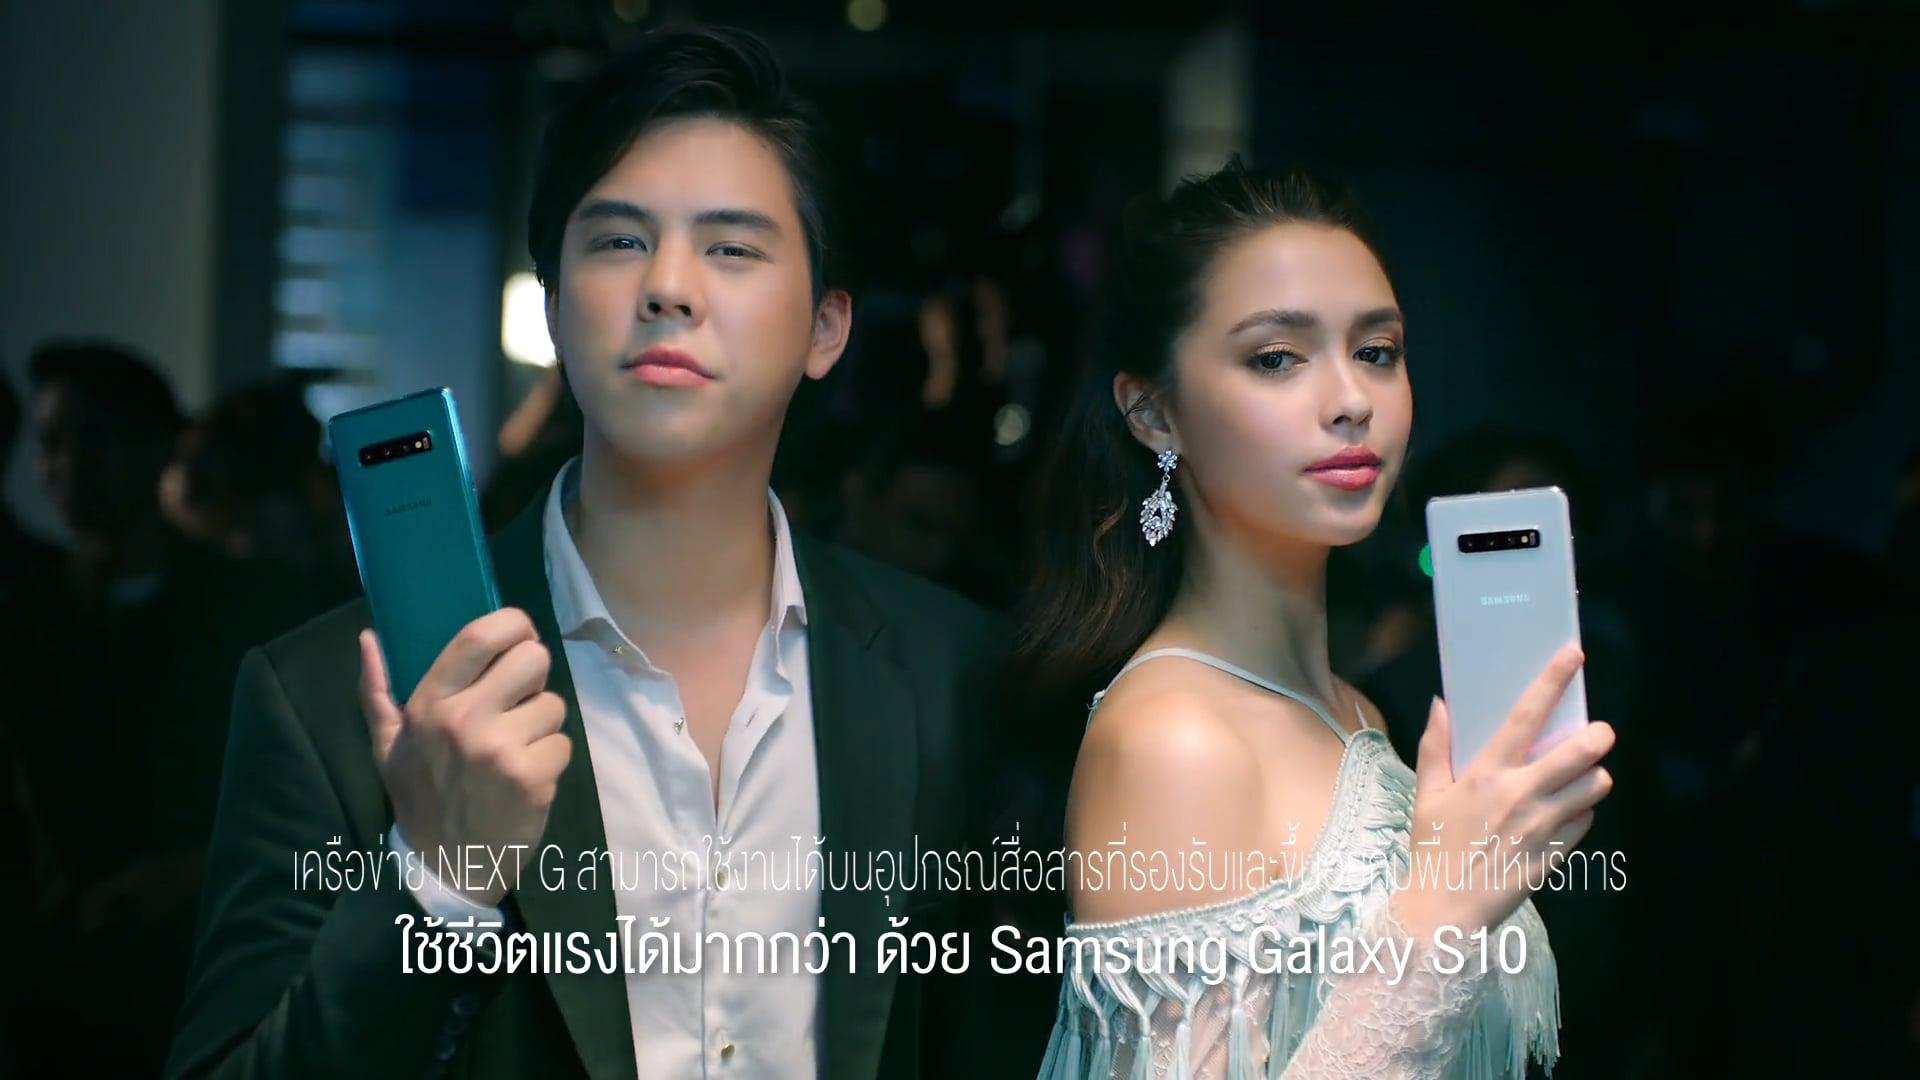 AIS NextG+Samsung S10